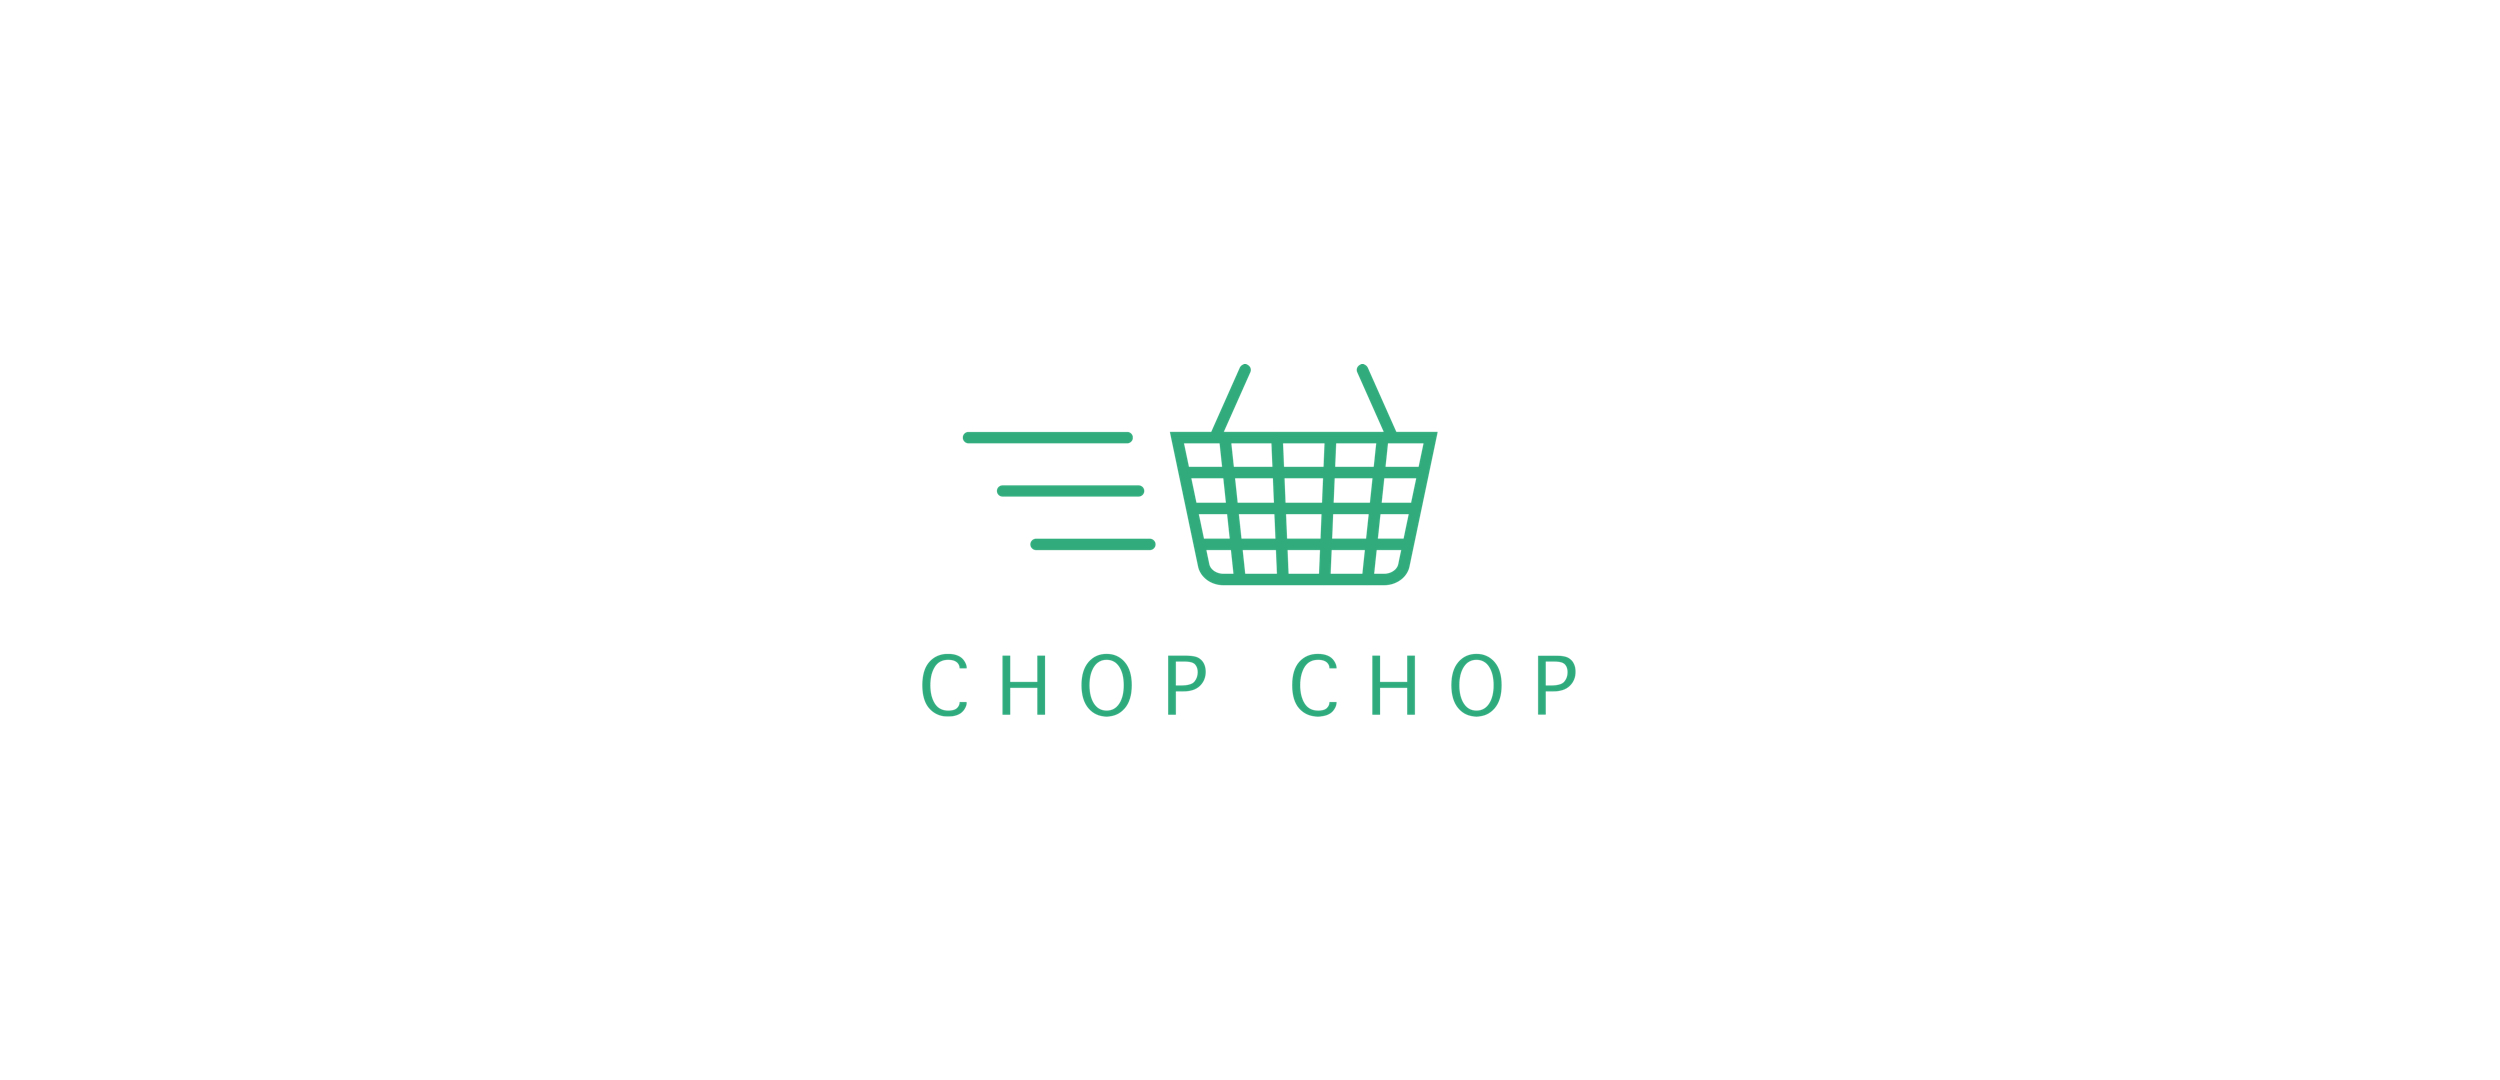 chopchop-old-logo.jpg